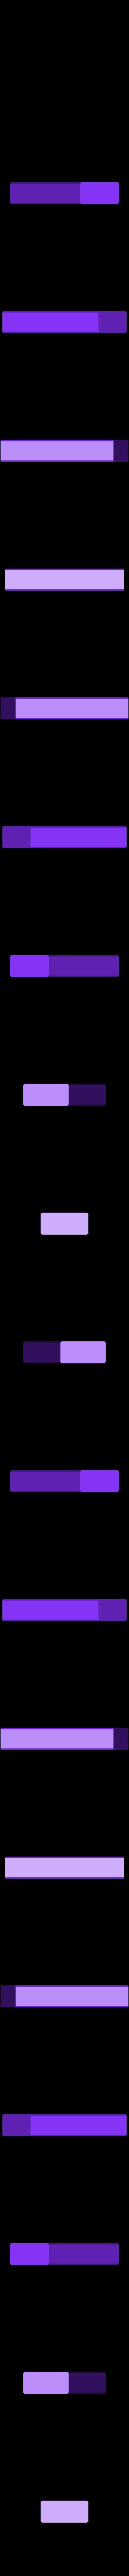 330_N_Wabash.stl Télécharger fichier STL gratuit Mise à jour de Chicago • Plan pour impression 3D, Urukgar4D